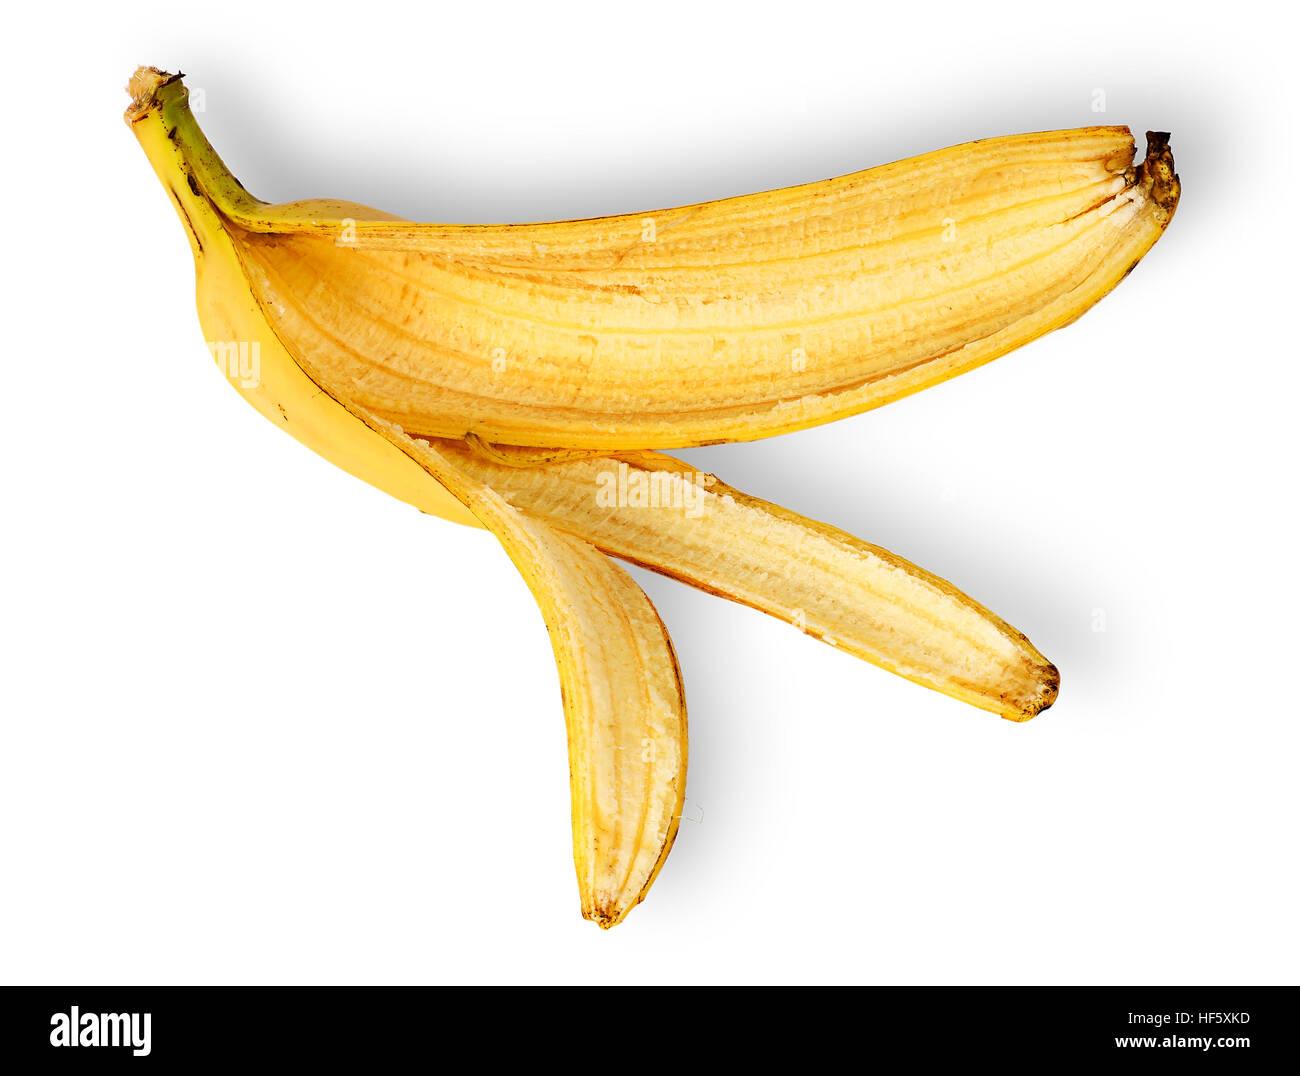 Bananenschale bereitgestellt horizontal isolierten auf weißen Hintergrund Stockbild